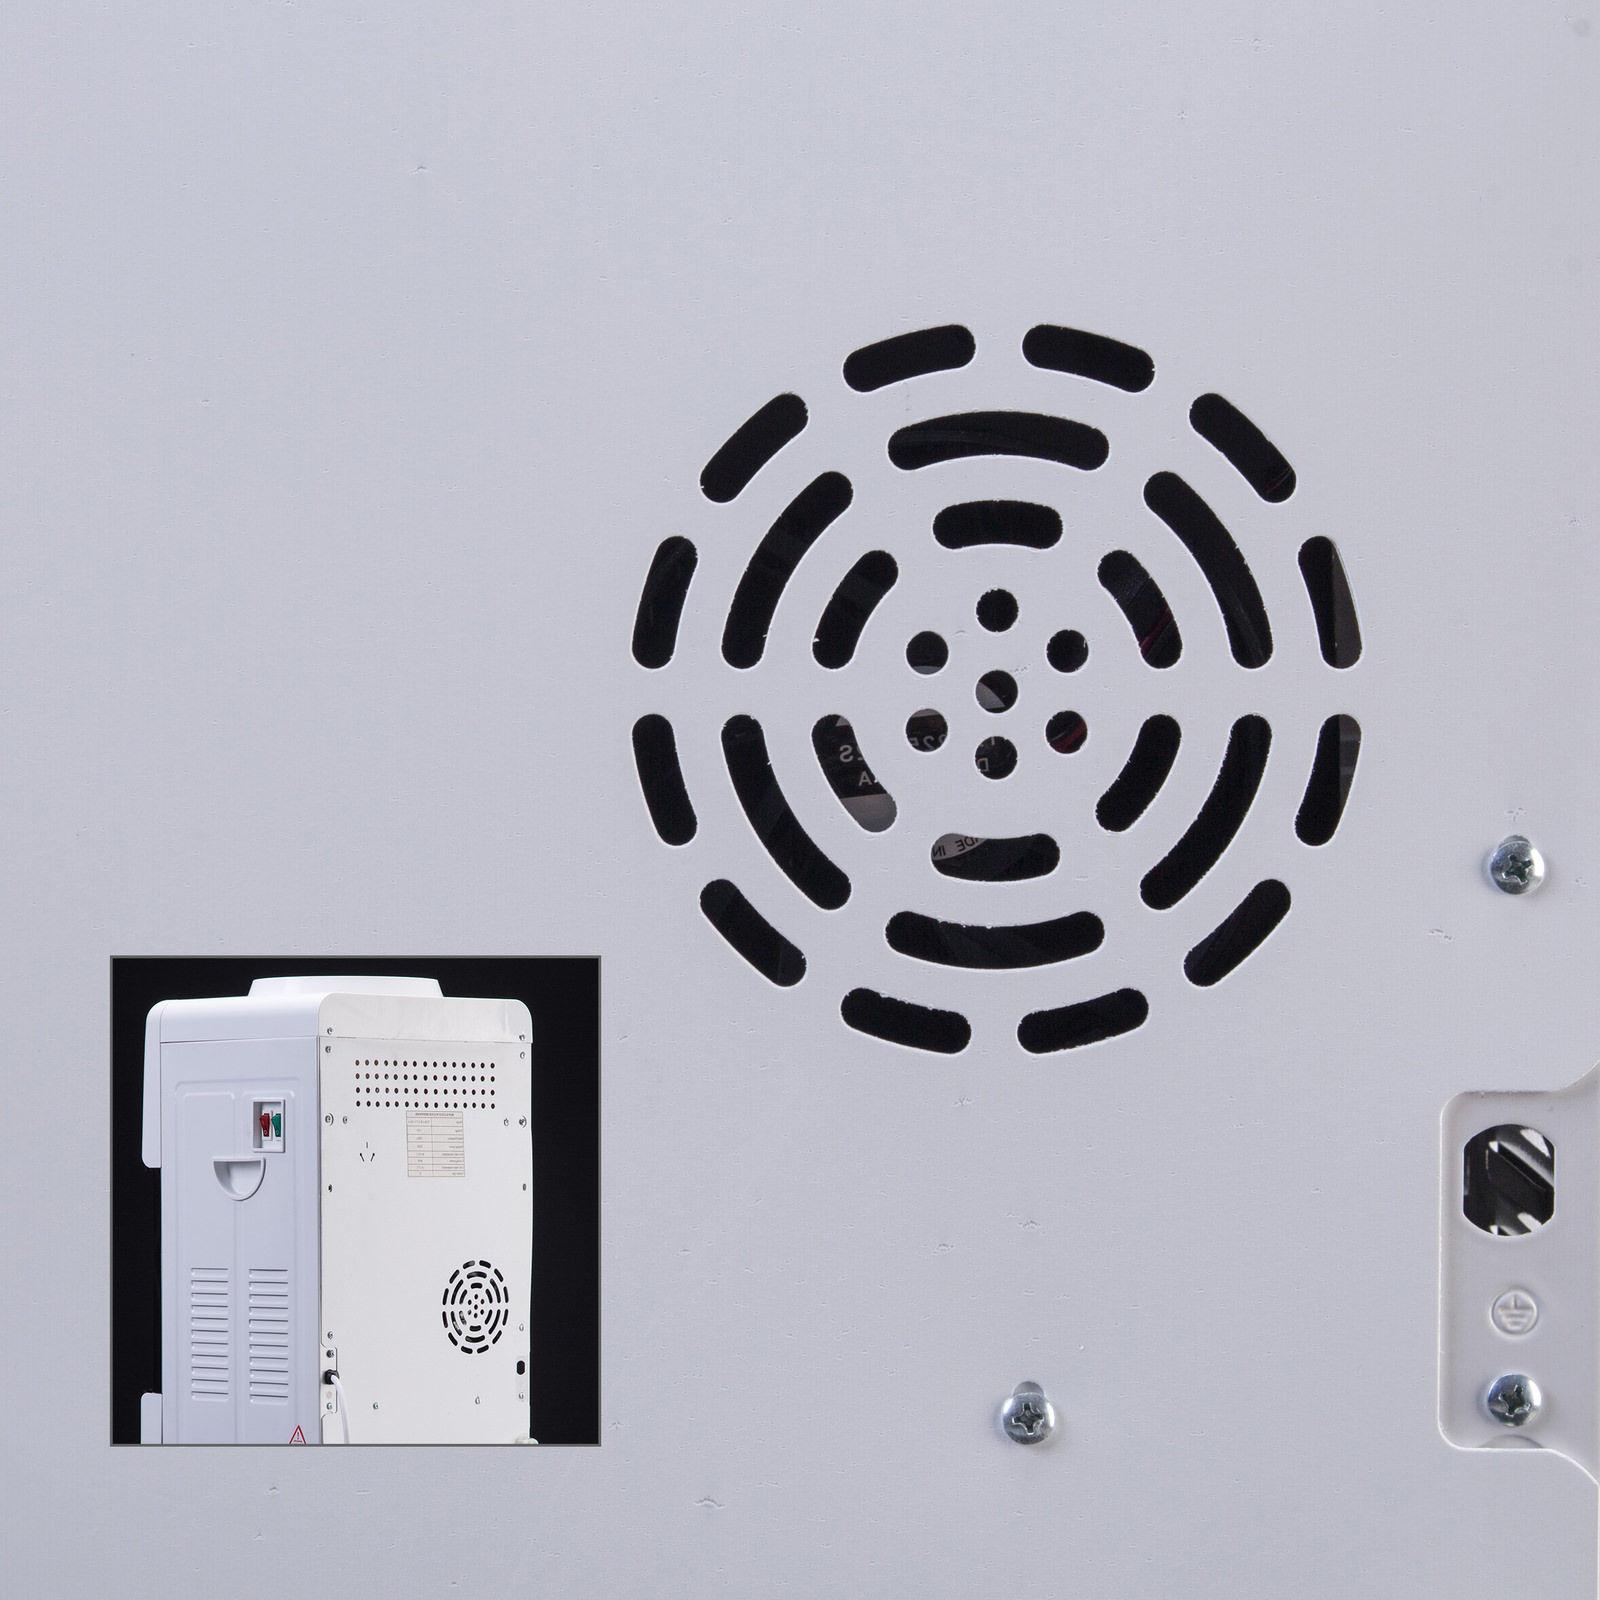 5 Hot/Cold Cooler Dispenser Loading